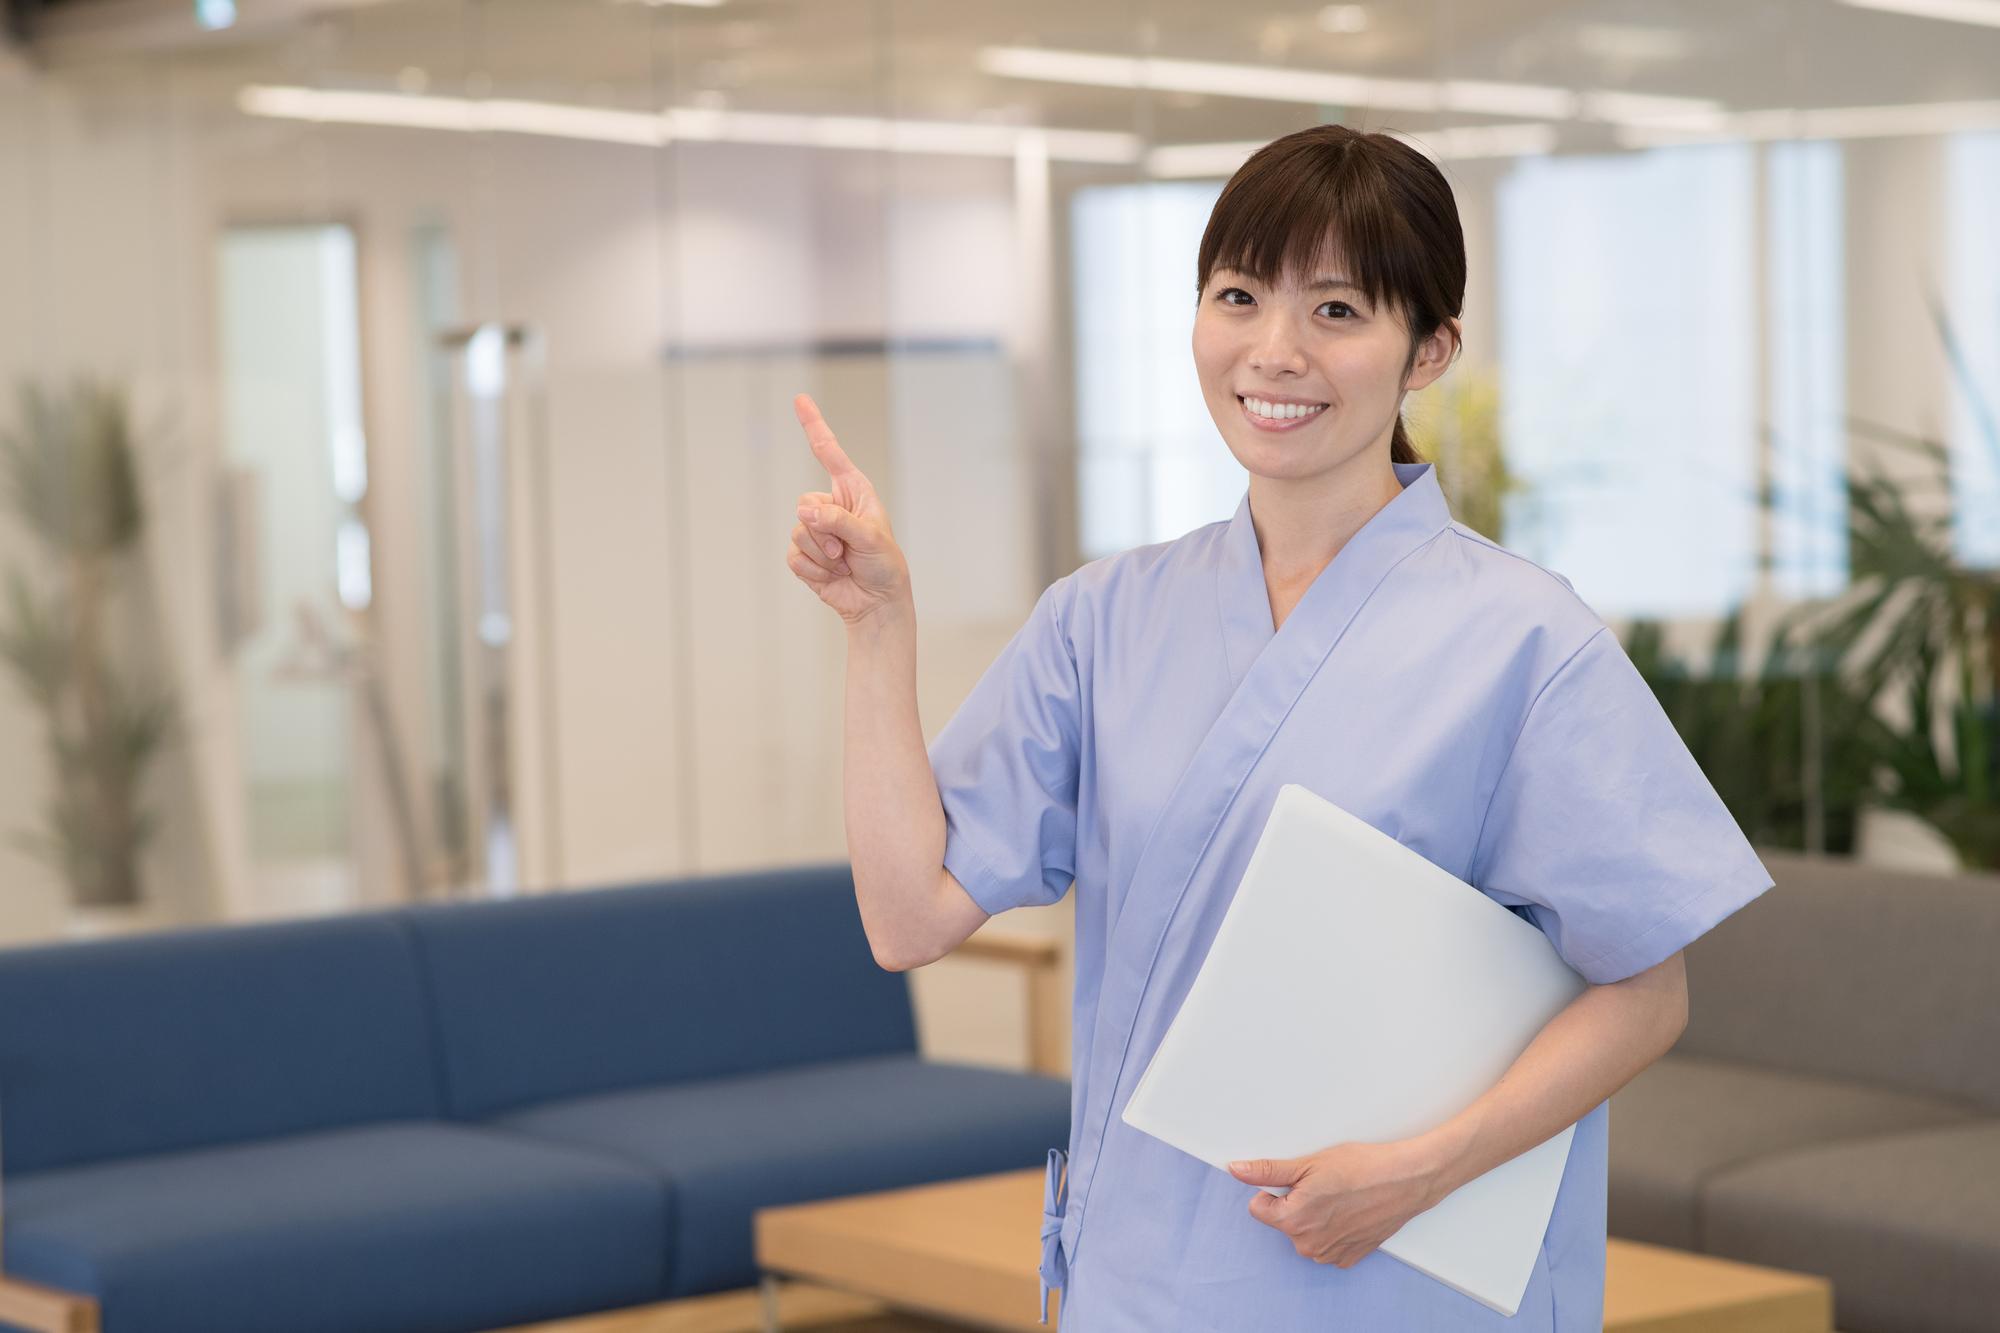 従業員への健康診断は義務? 経費で落とせるのか? 個人事業主と健康診断の関係とは